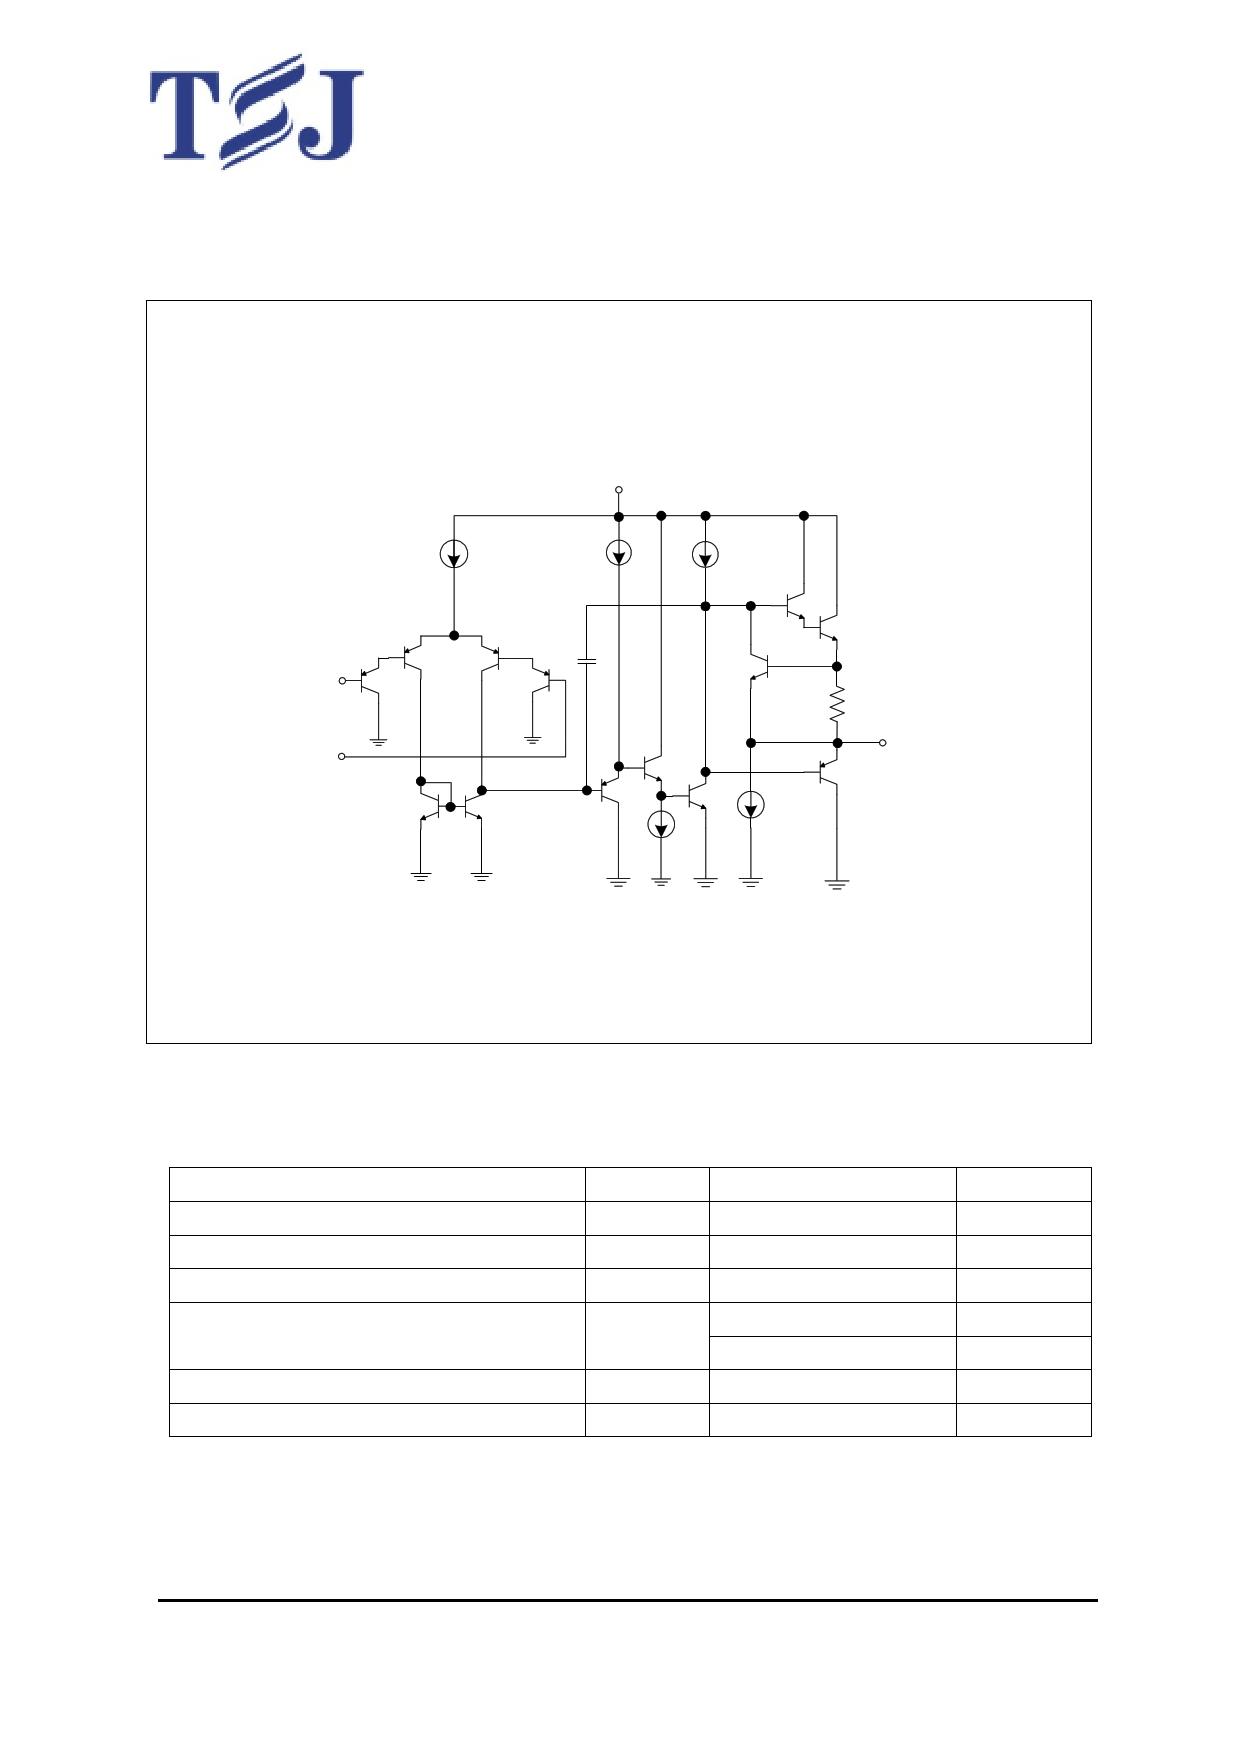 MB324 pdf, 반도체, 판매, 대치품